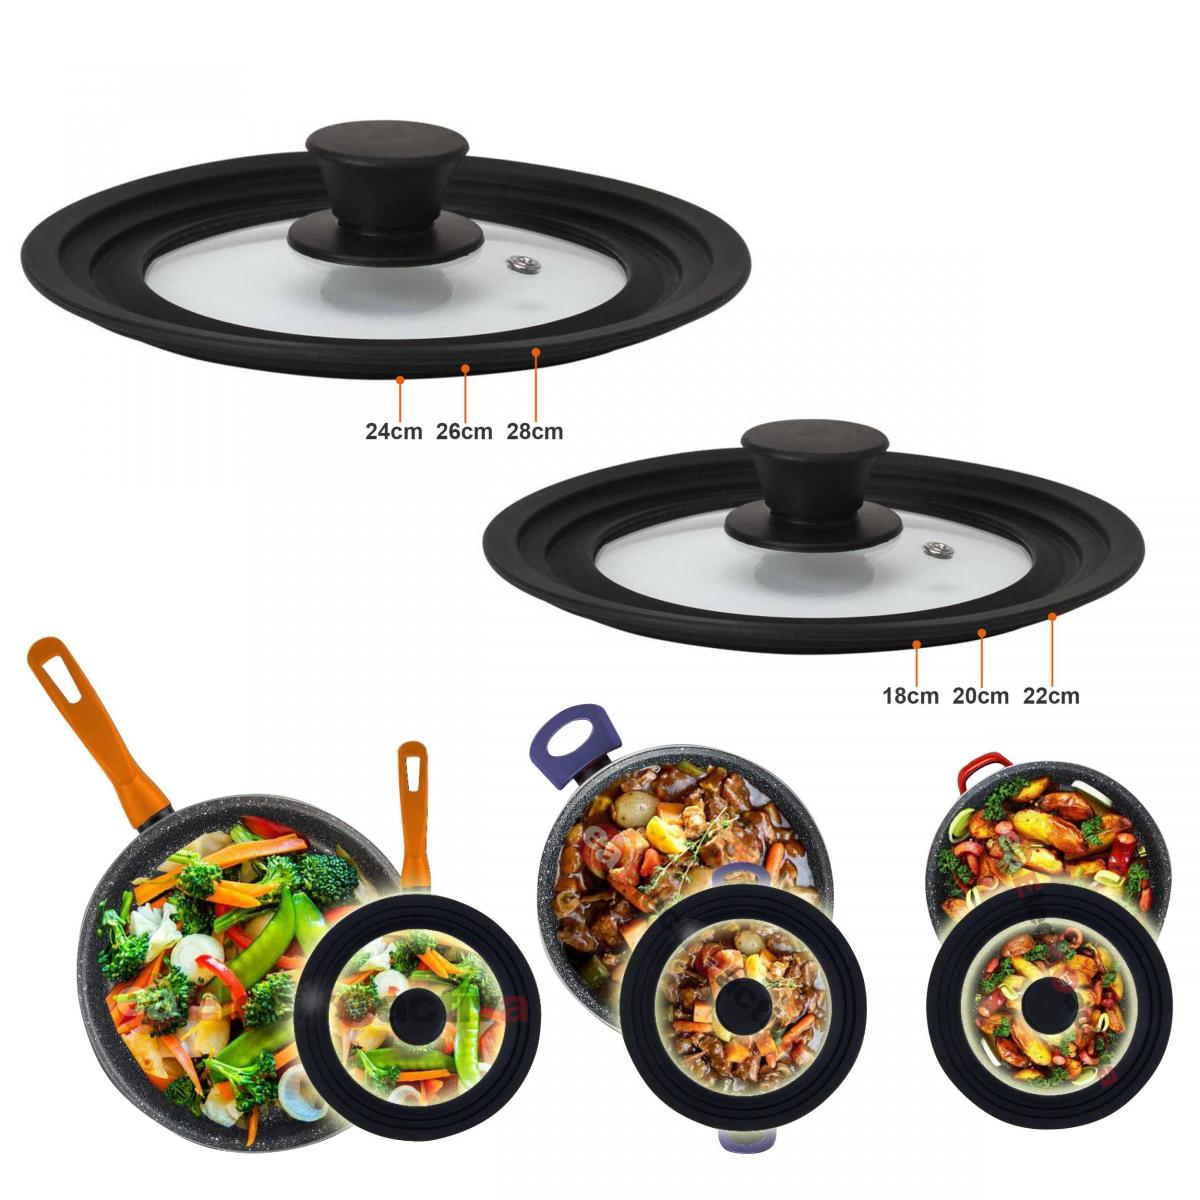 Magefesa Couvercle de poêle à frire, casseroles, poêles, 24-26-28, multi-diamètre Magefesa Tapa Sartén Magefesa